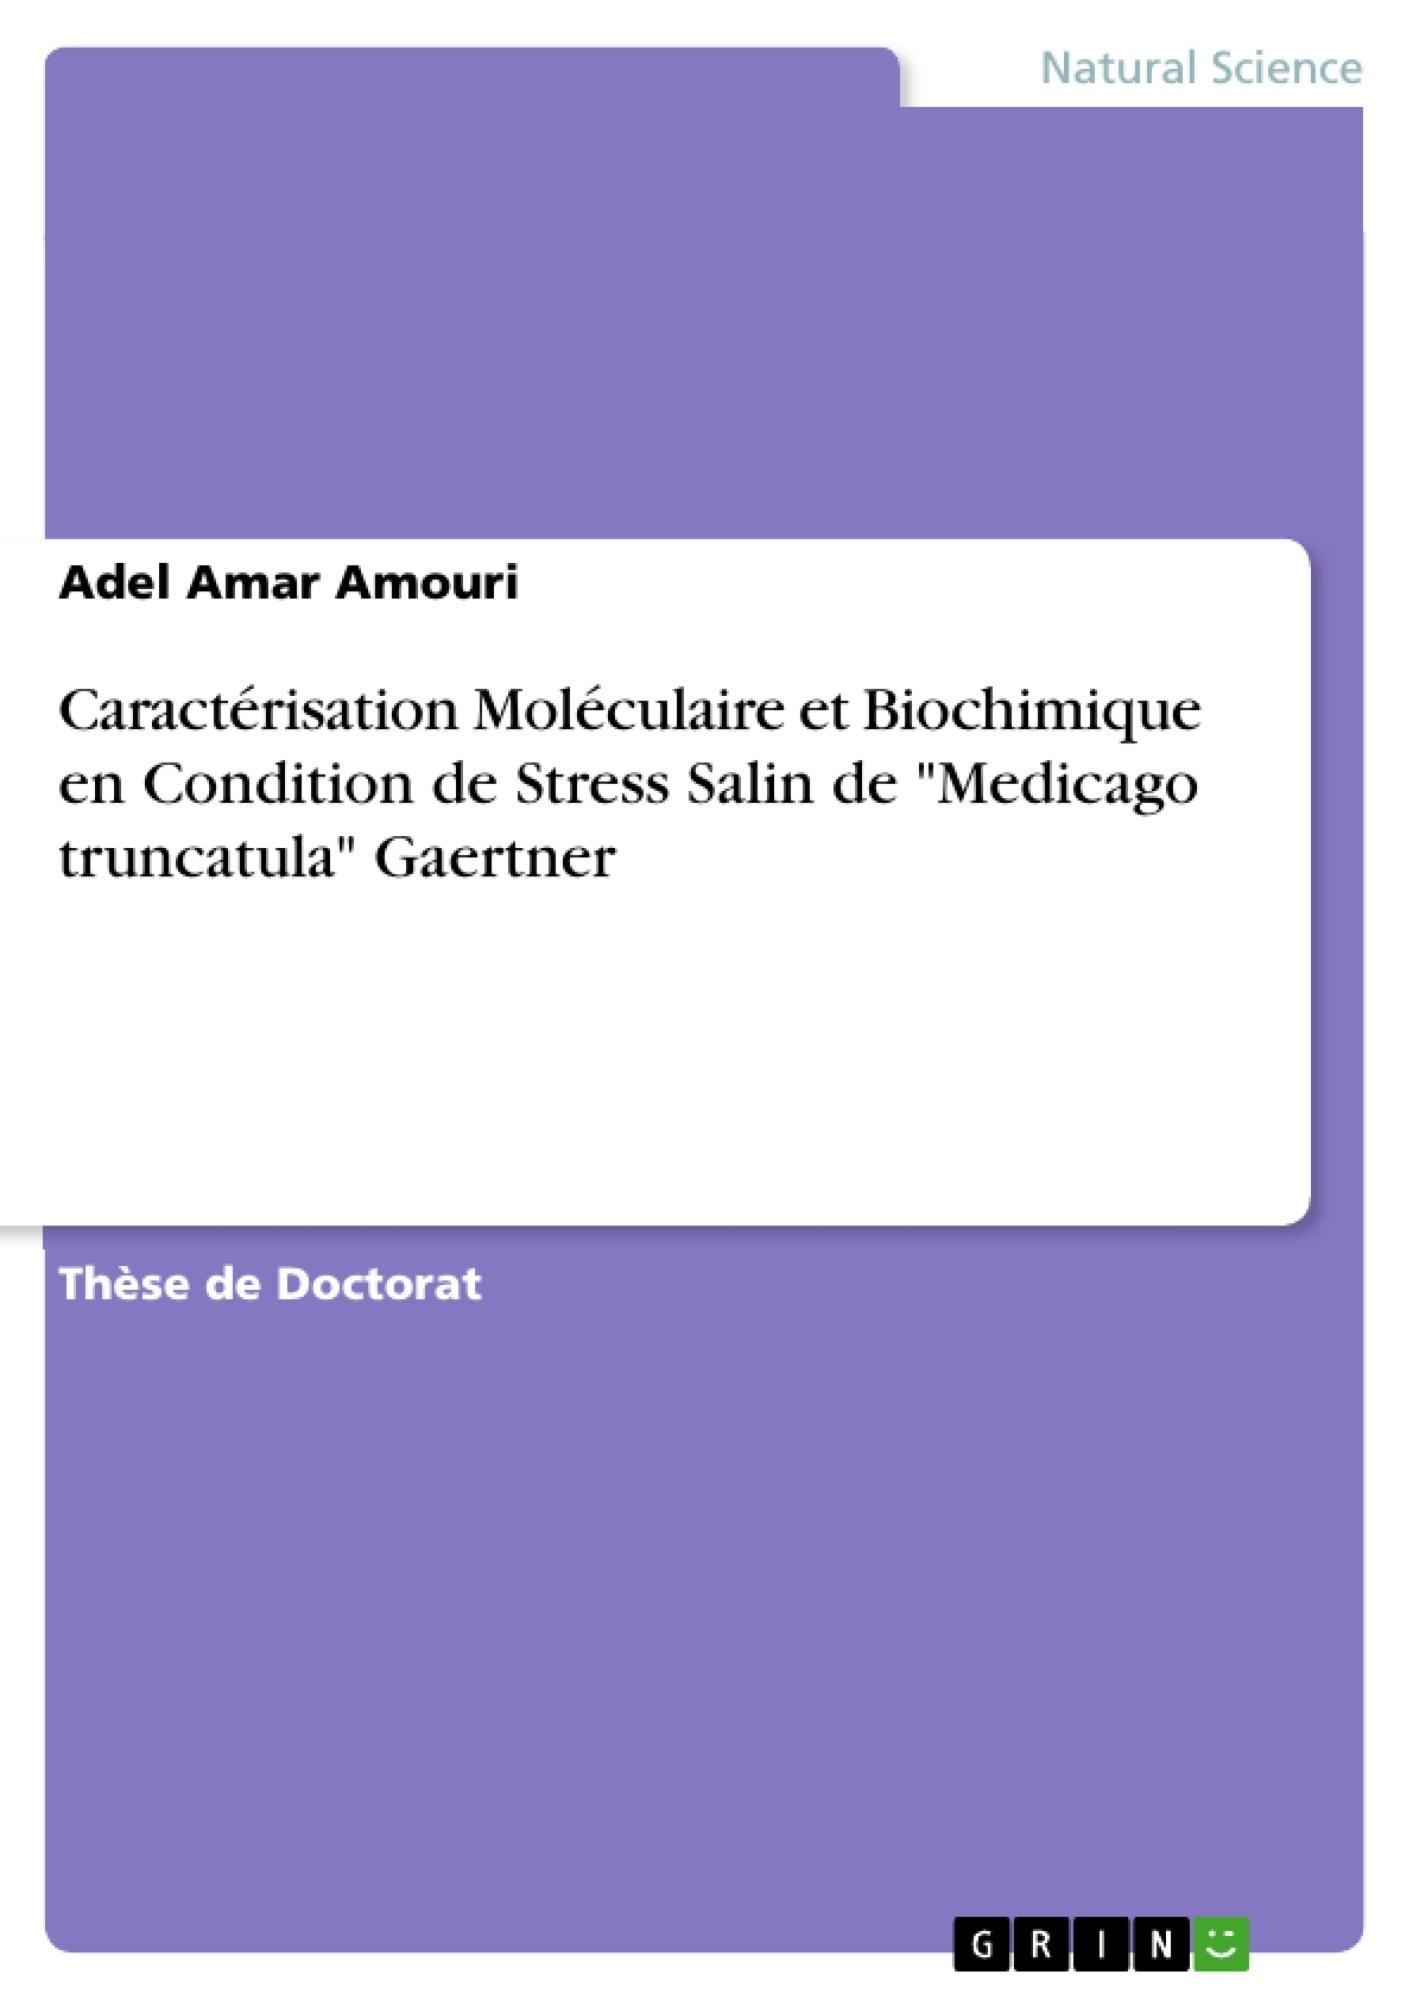 """Titre: Caractérisation Moléculaire et Biochimique en Condition de Stress Salin de """"Medicago truncatula"""" Gaertner"""